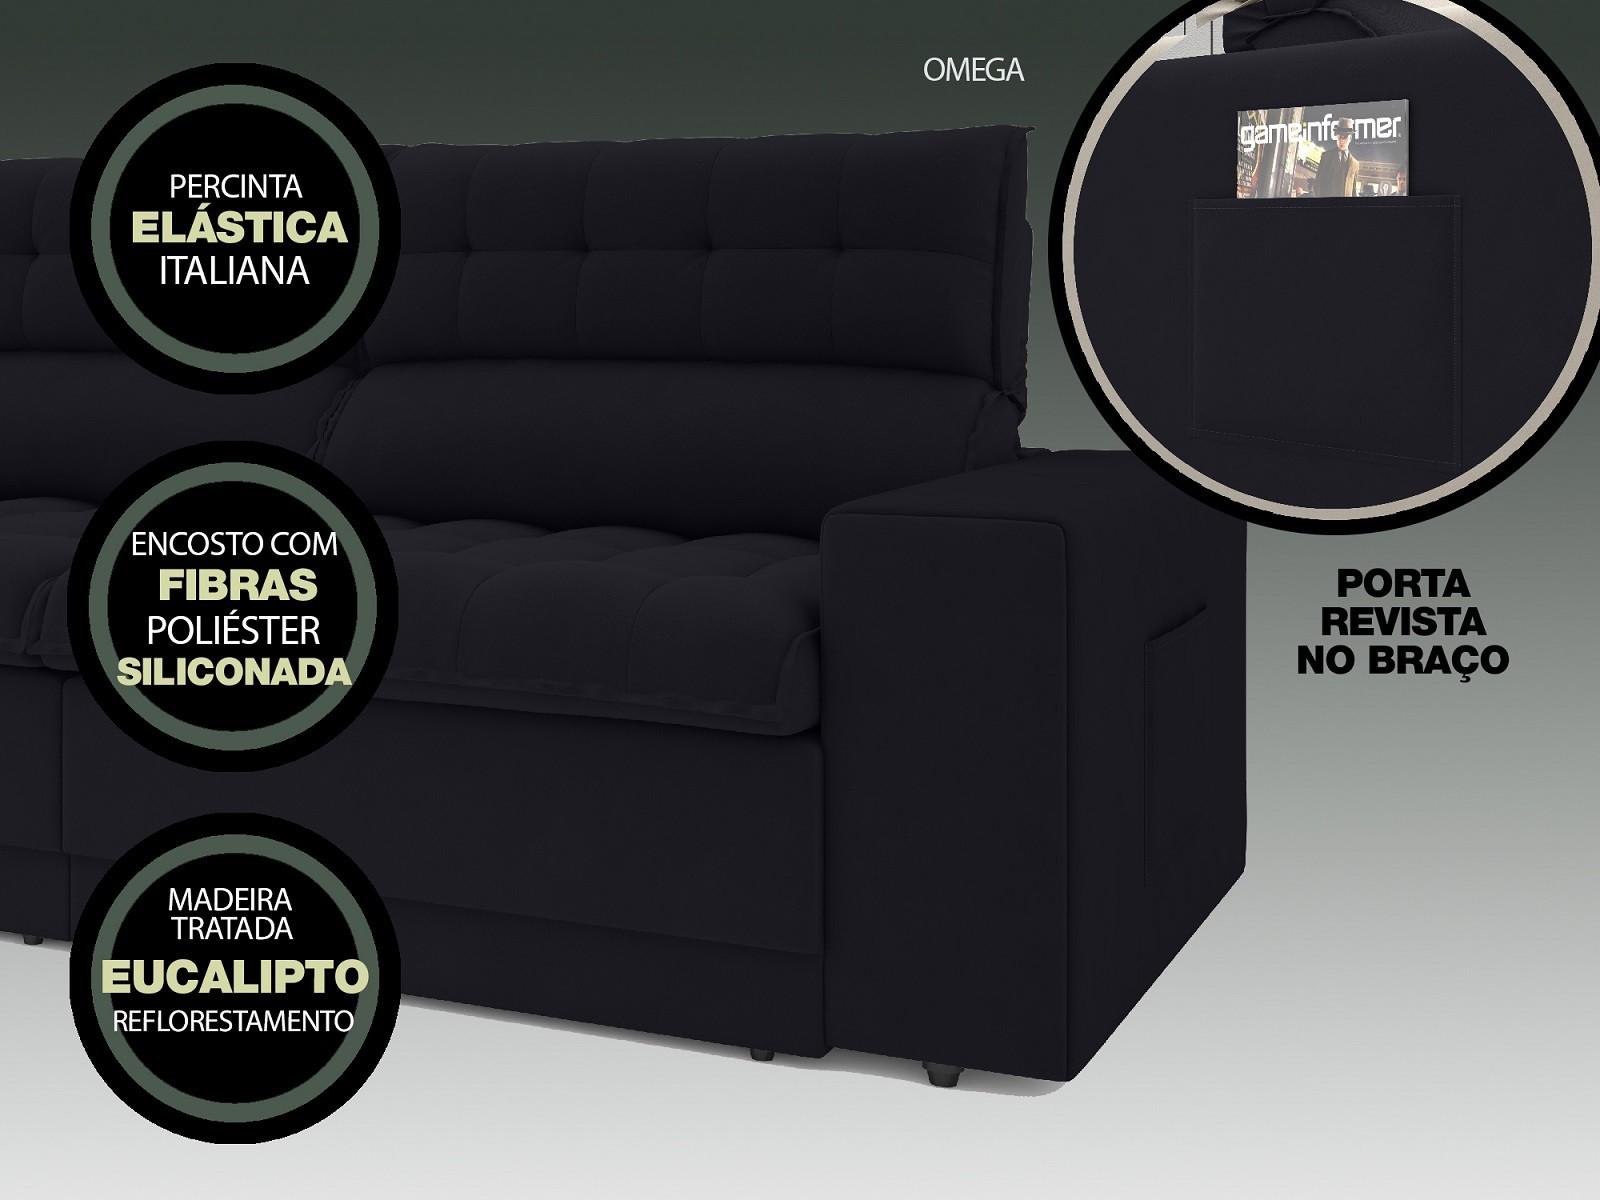 Sofá Omega 2,00m Assento Retrátil e Reclinável Velosuede Preto - NETSOFAS  - NETSOFÁS